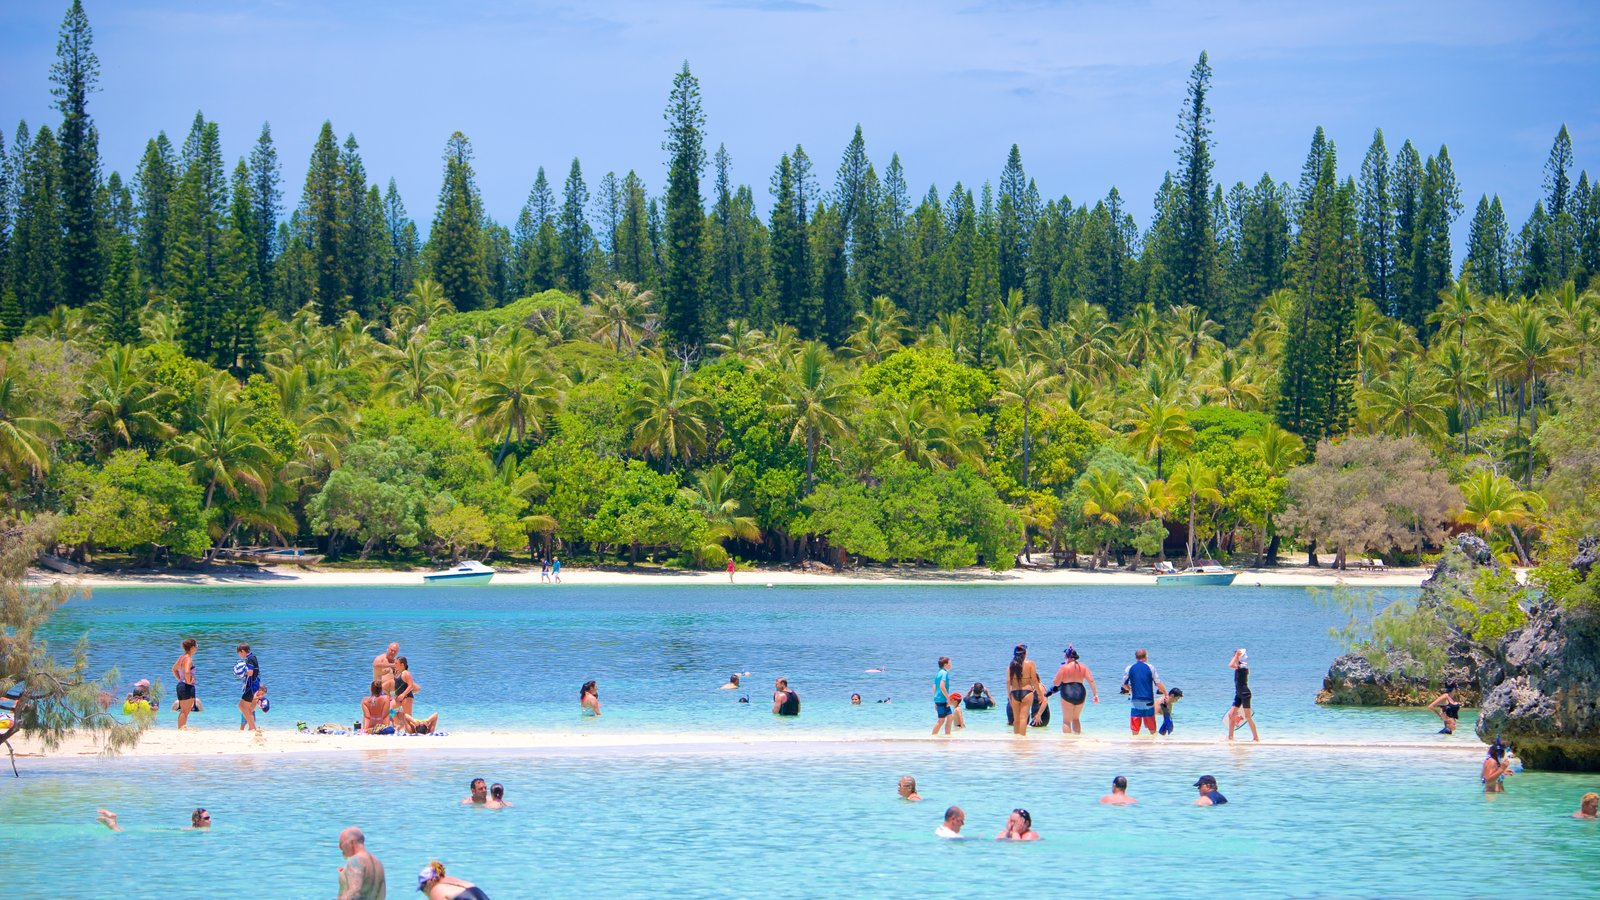 Kanumera Beach caracterizando paisagens litorâneas e natação assim como um grande grupo de pessoas